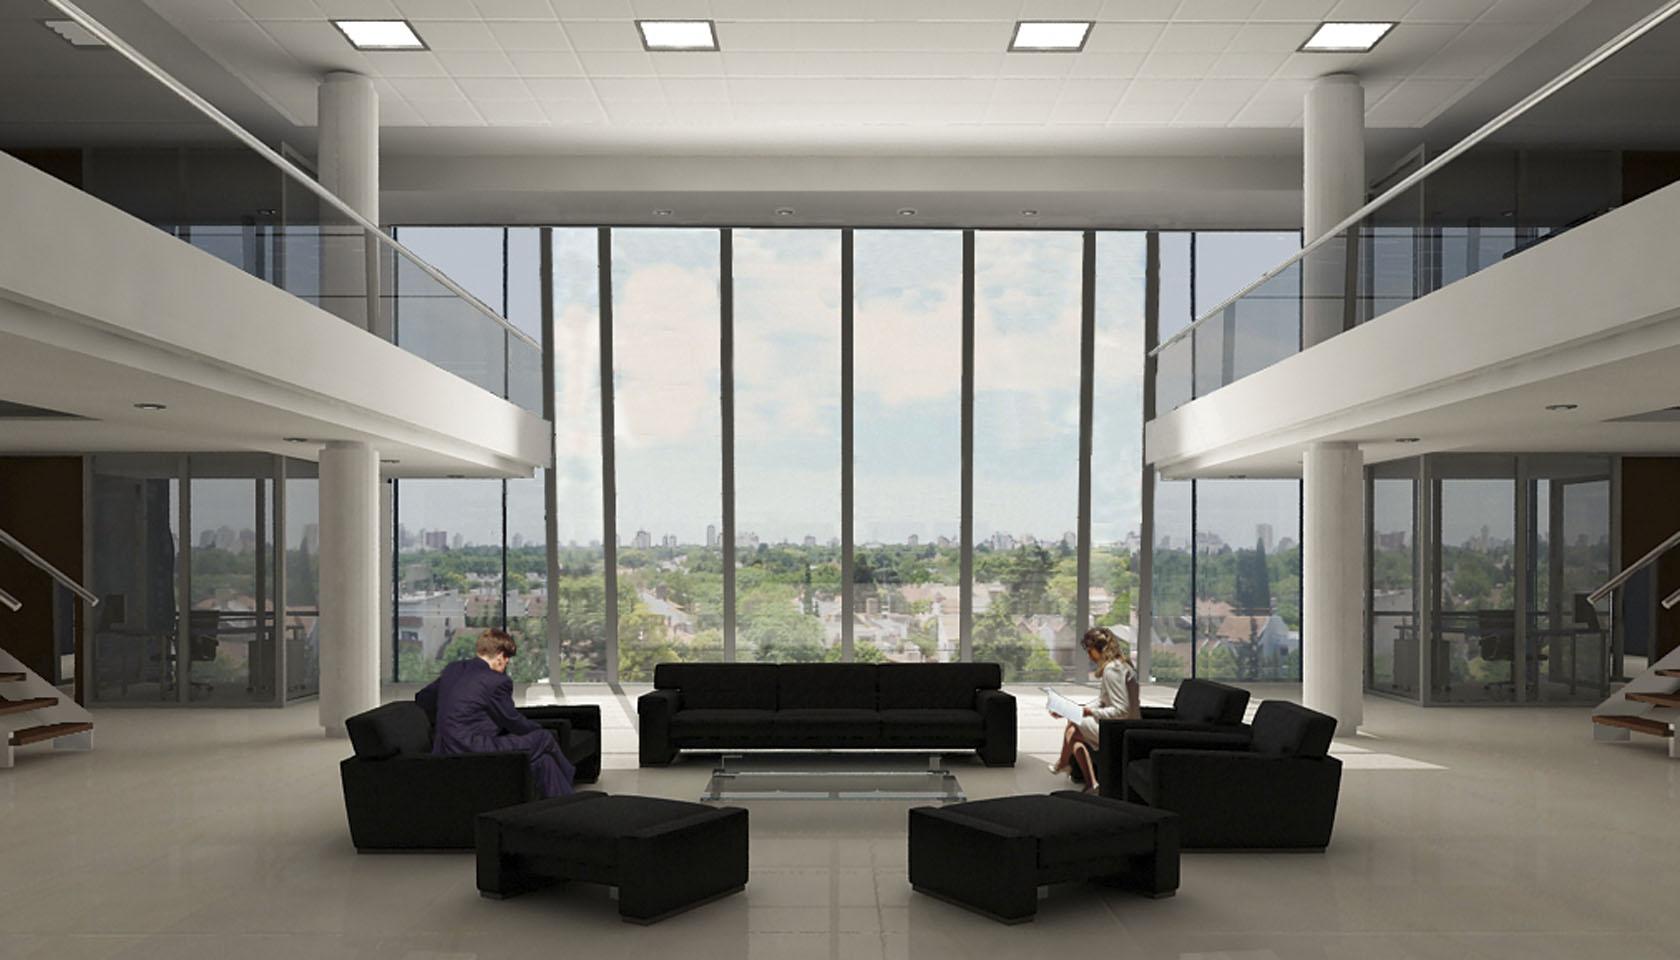 Espacios modernos en edificios de oficinas, ingreso de luz natural en oficinas